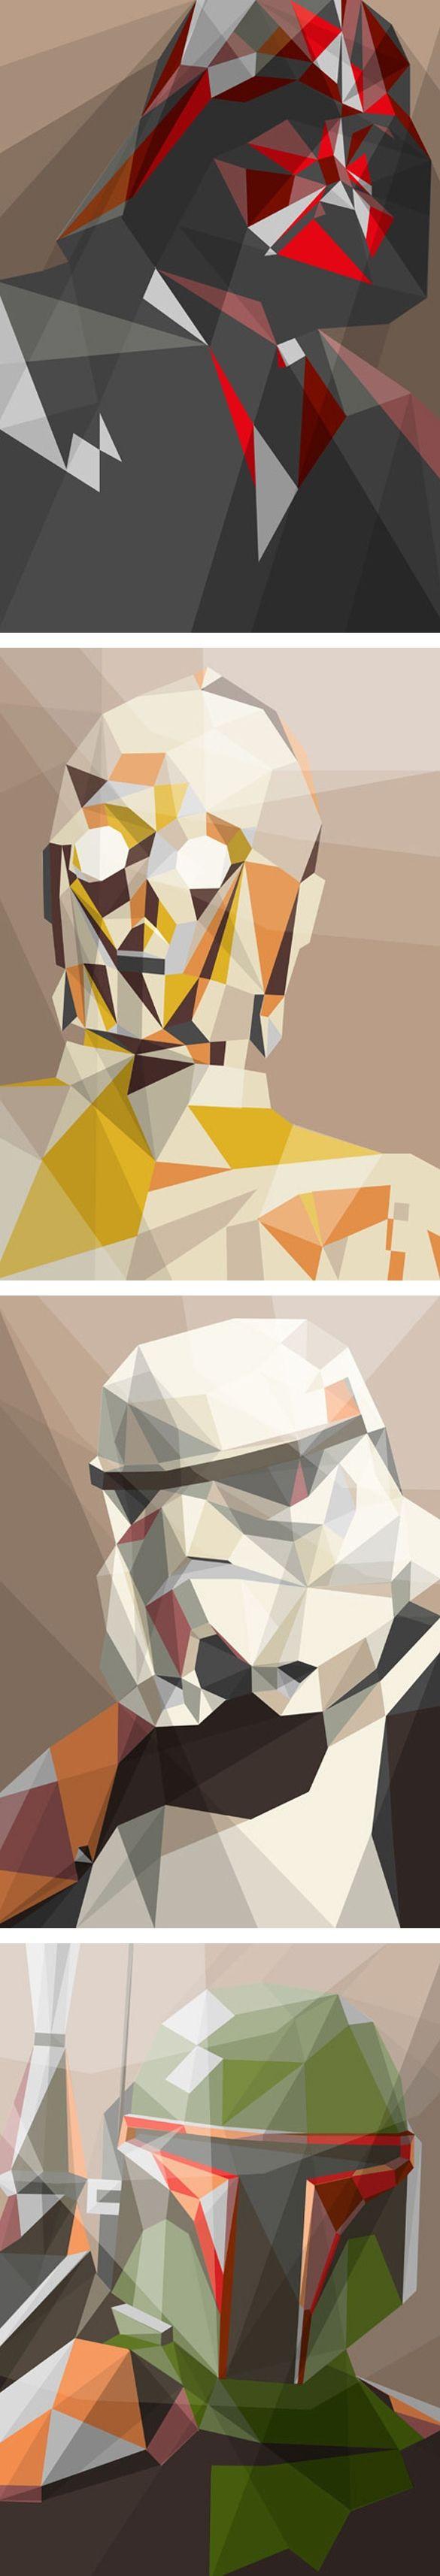 Star Wars art by Liam Brazier